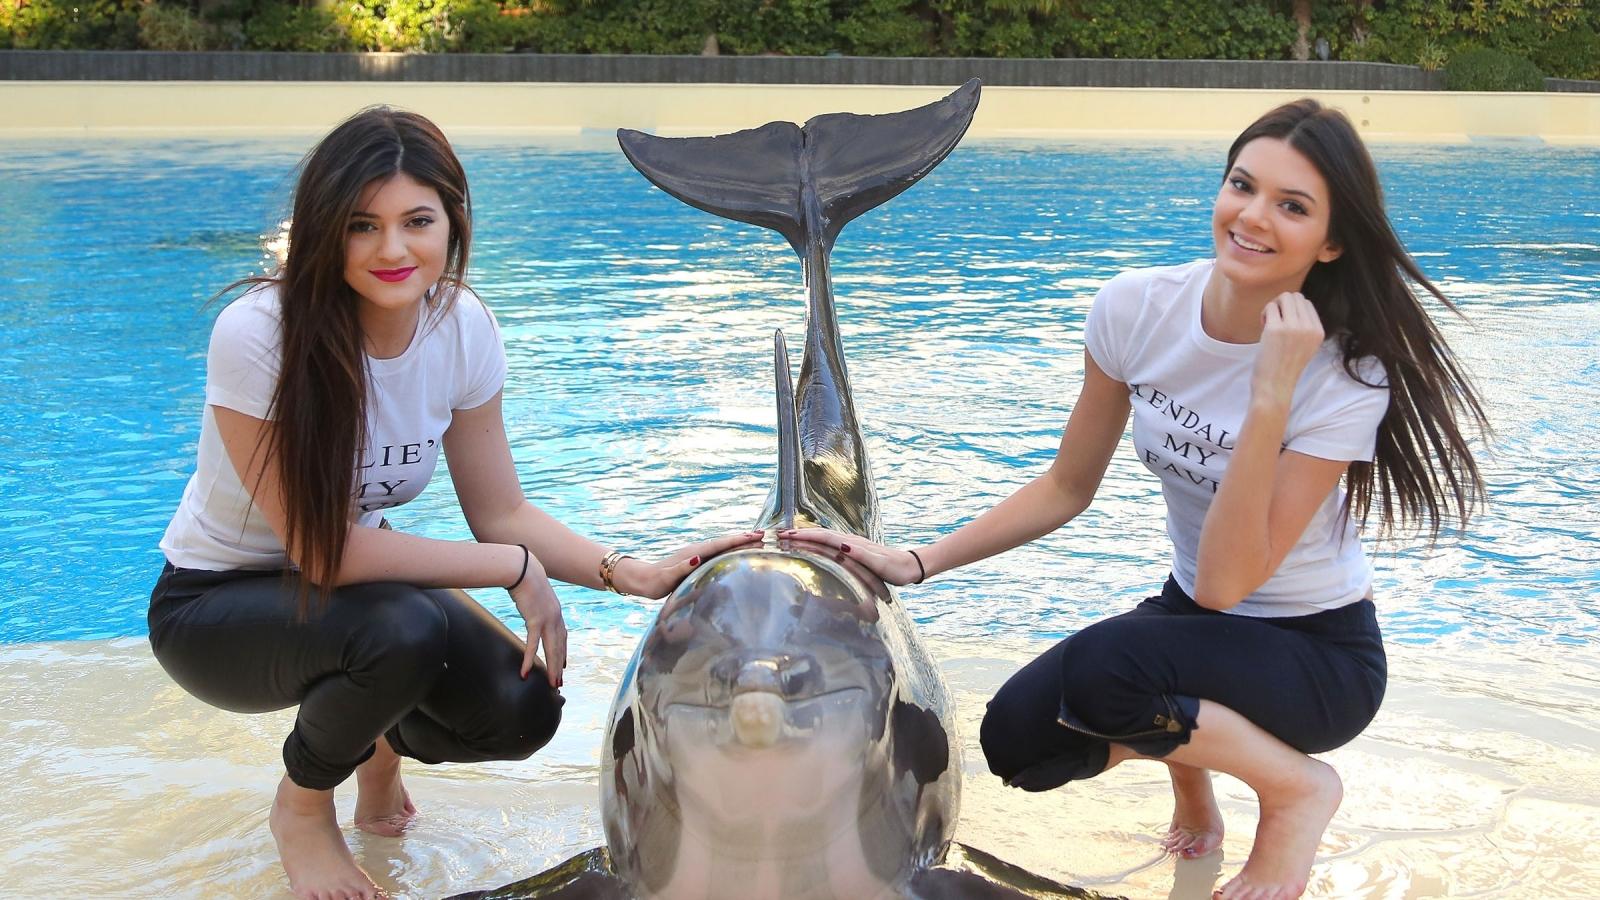 Chicas y un delfín - 1600x900